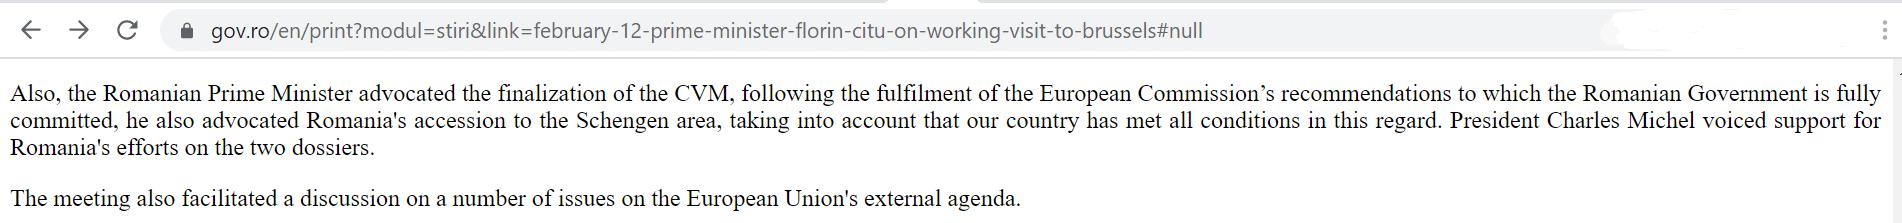 Когда Румыния вступит в Шенген?